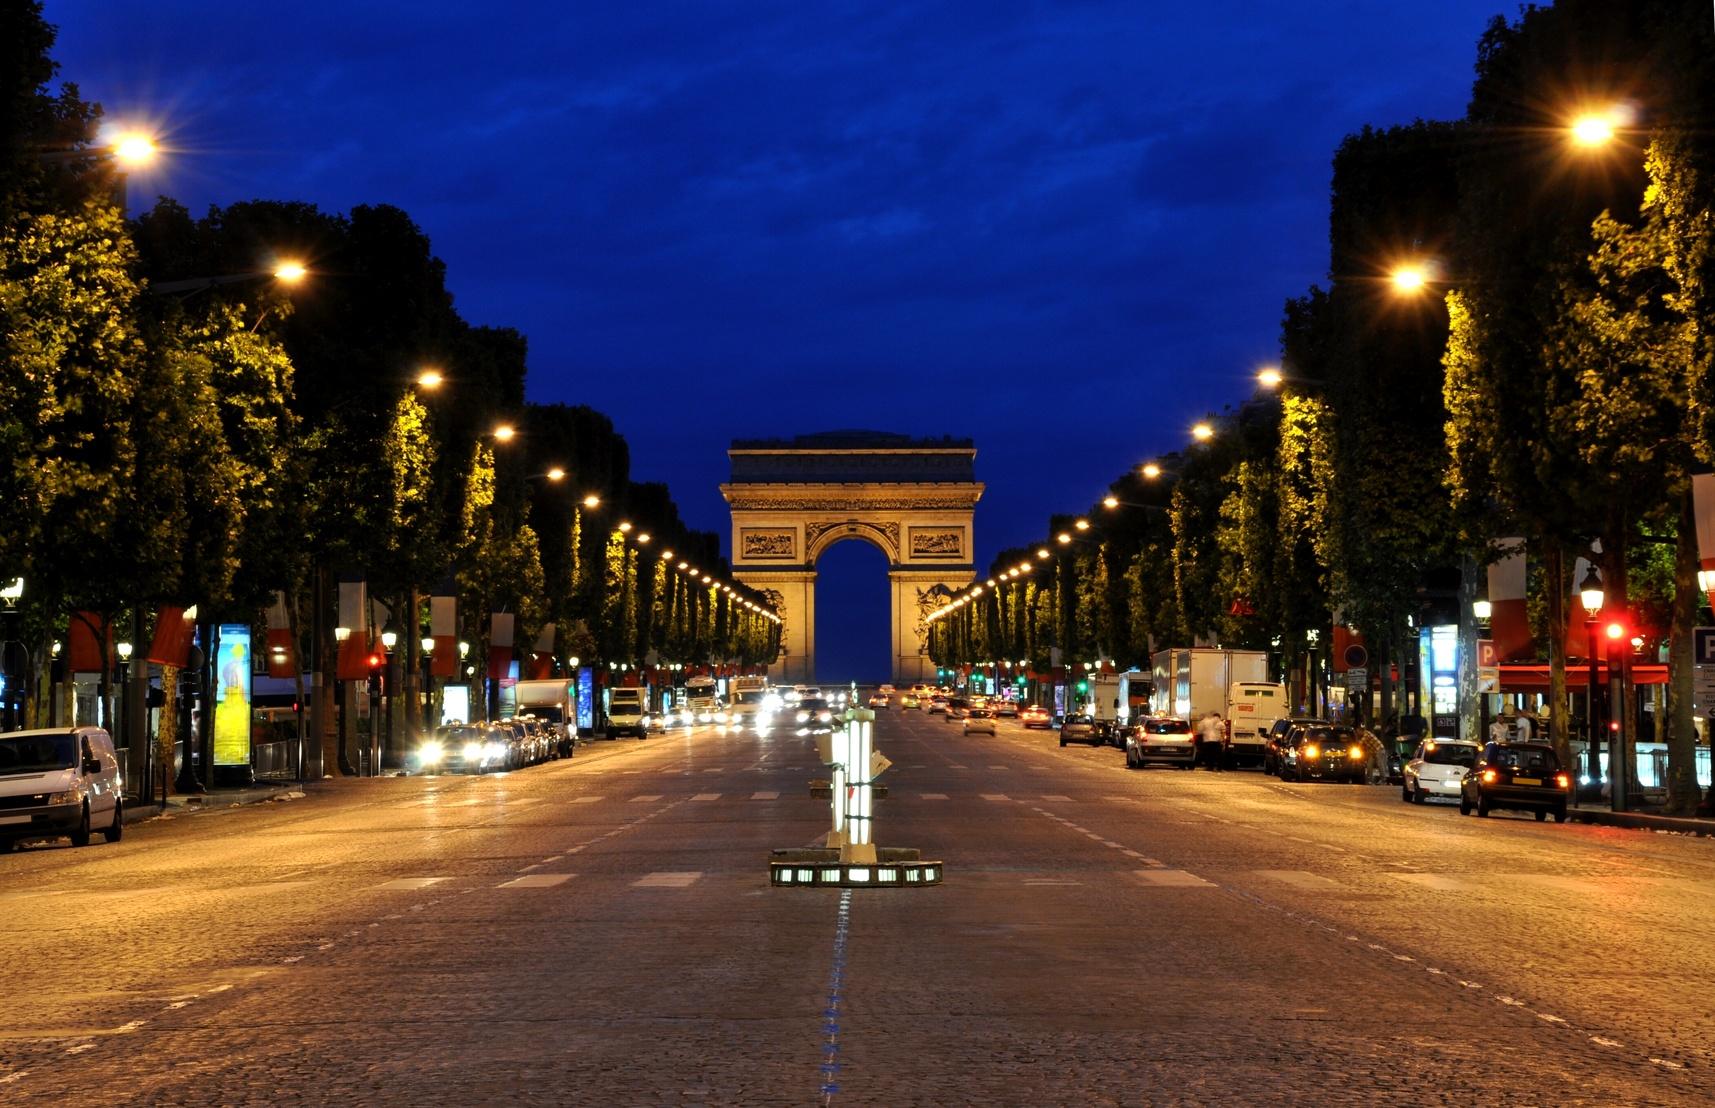 В Париже отменен праздник по случаю зажжения рождественской иллюминации на Елисейских полях